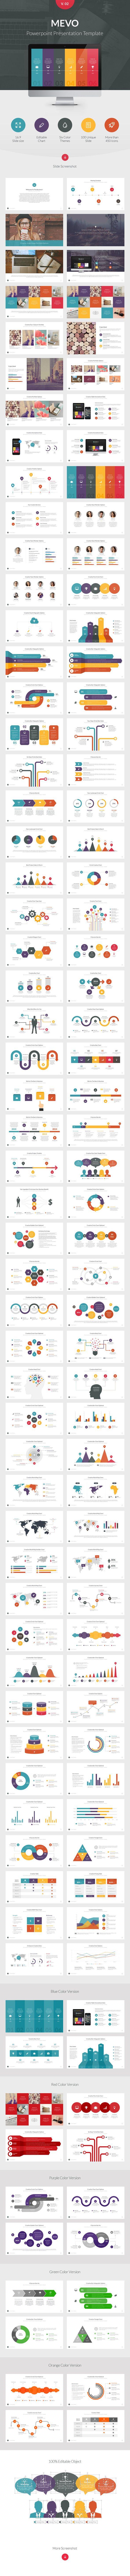 Mevoパワーポイントプレゼンテーションテンプレート -  PowerPointのテンプレートプレゼンテーションテンプレート